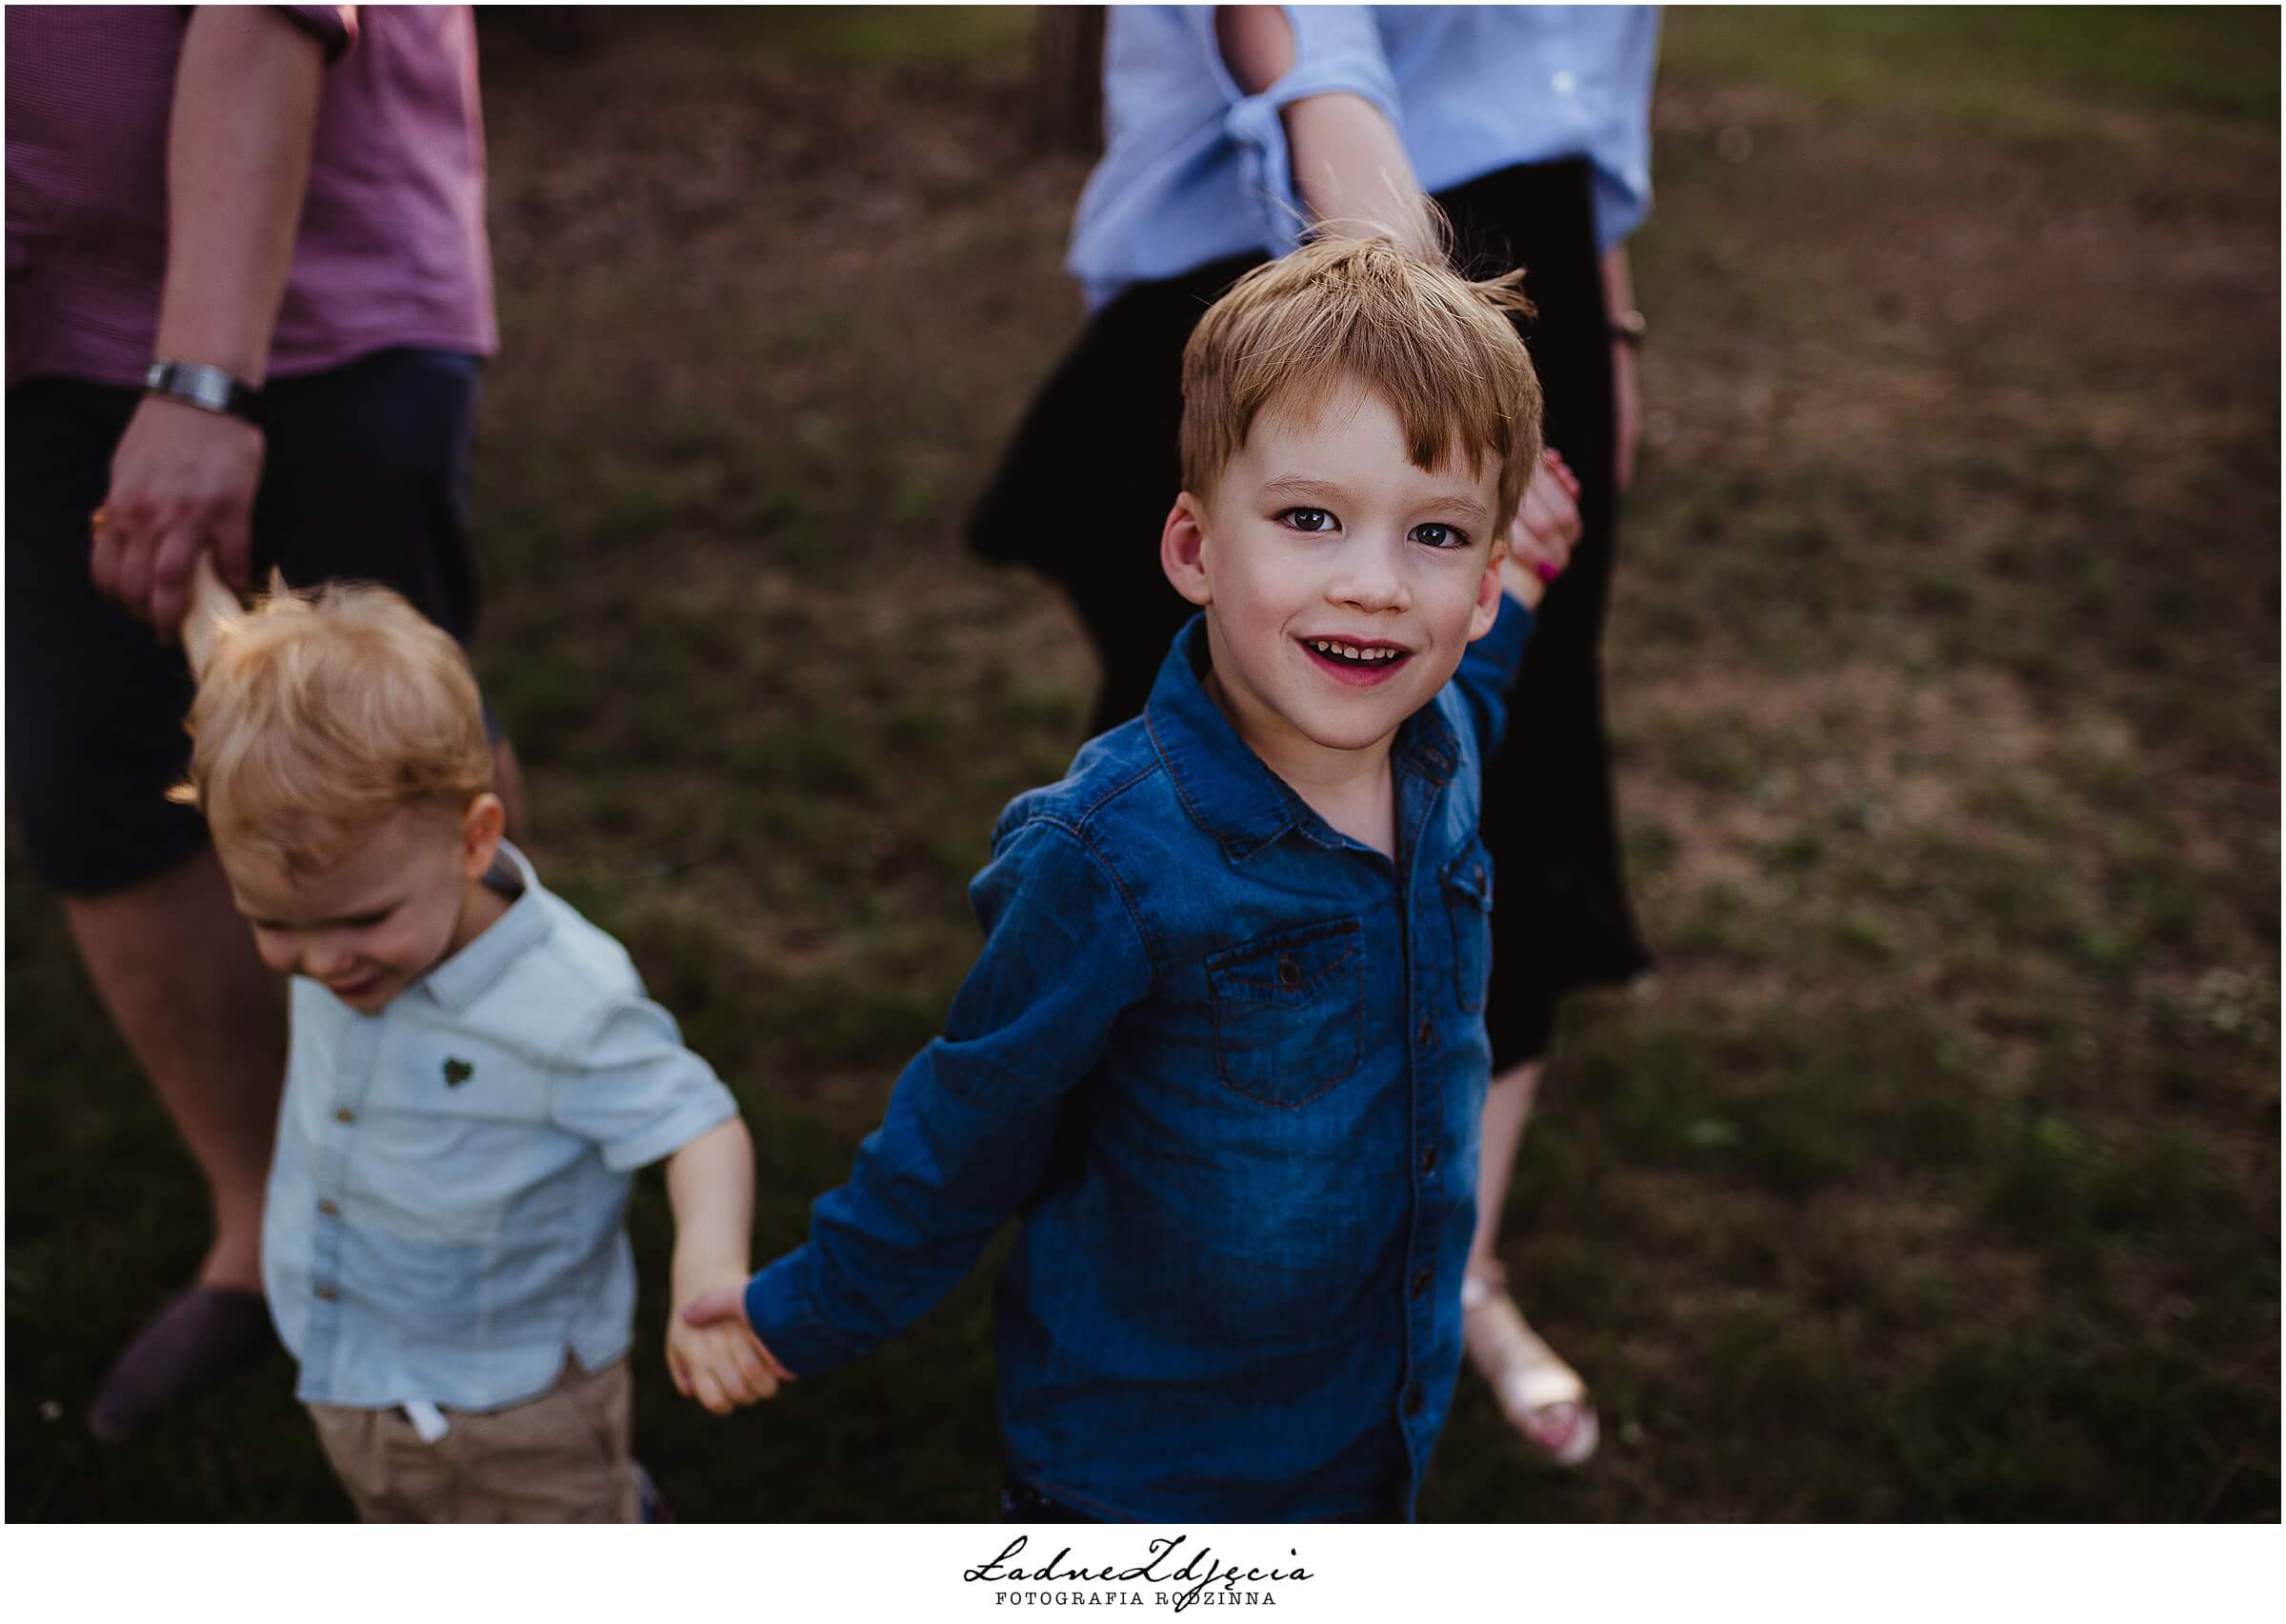 Ladne Zdjecia Fotografia Dziecieca